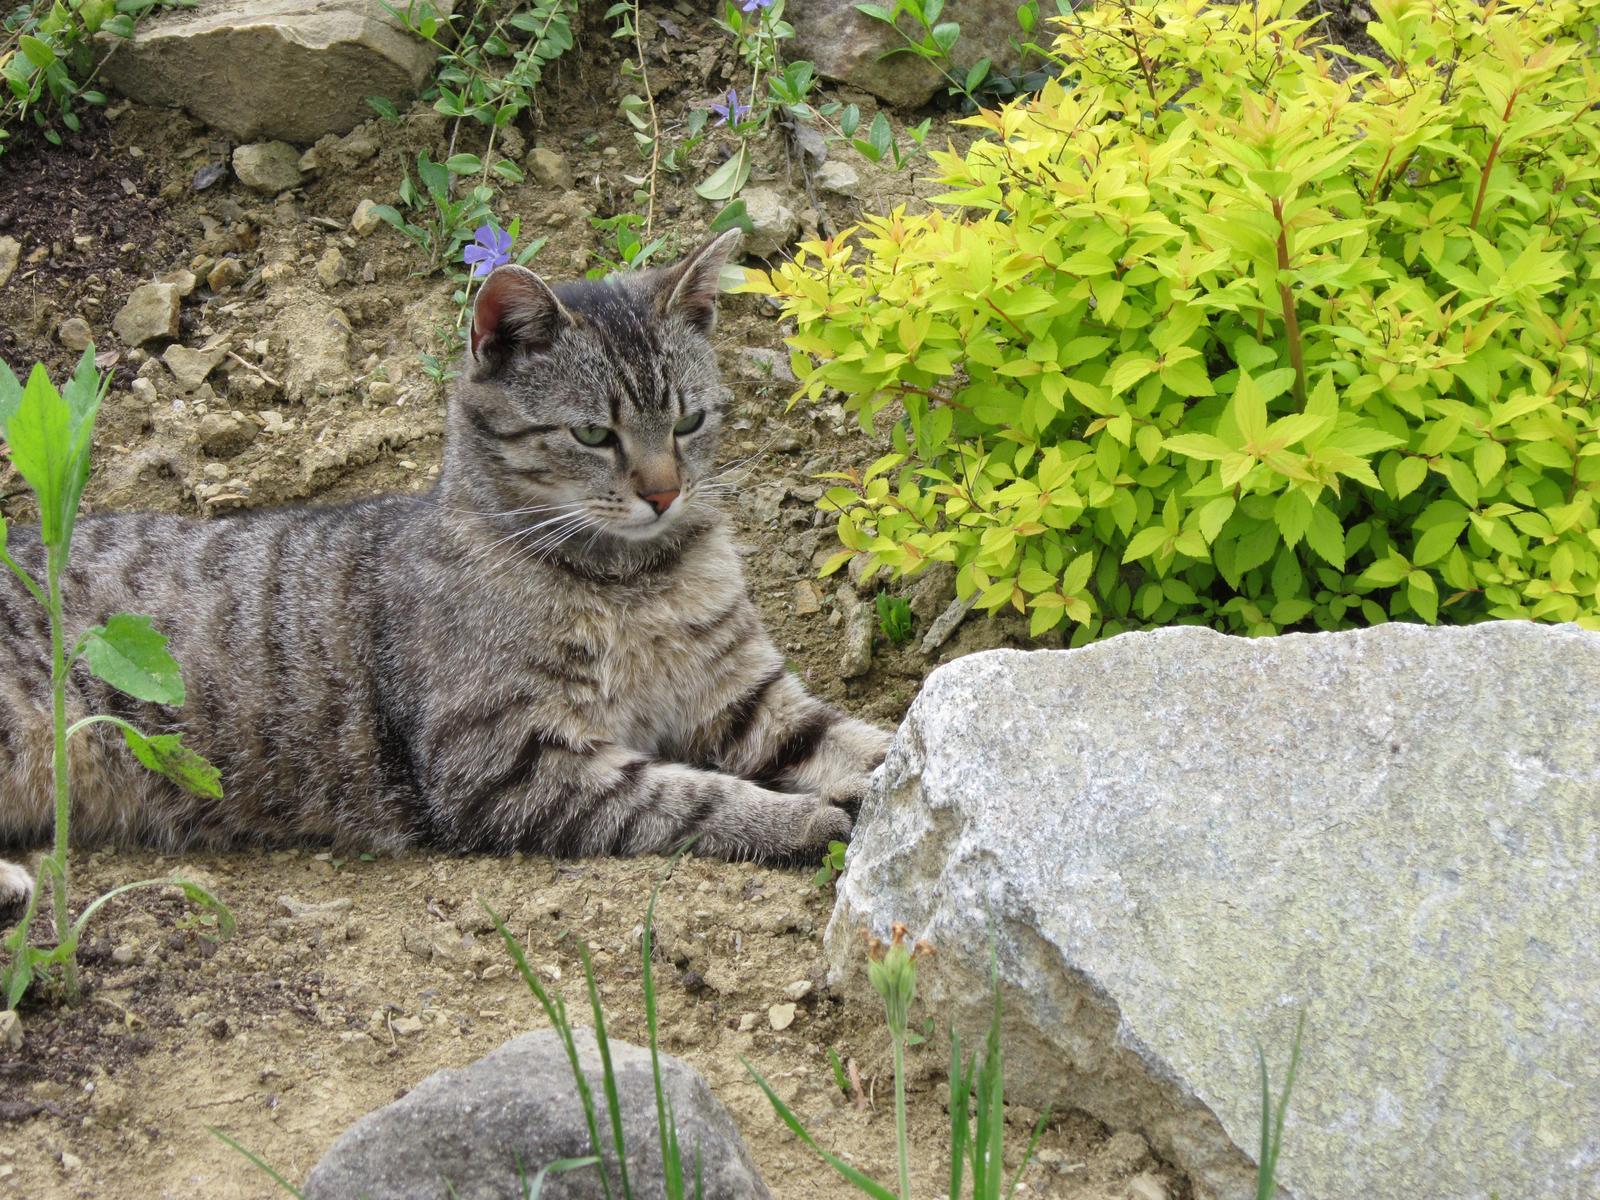 Moja záhrada...ako šiel čas - Môj najkrajší kvietok v skalke...